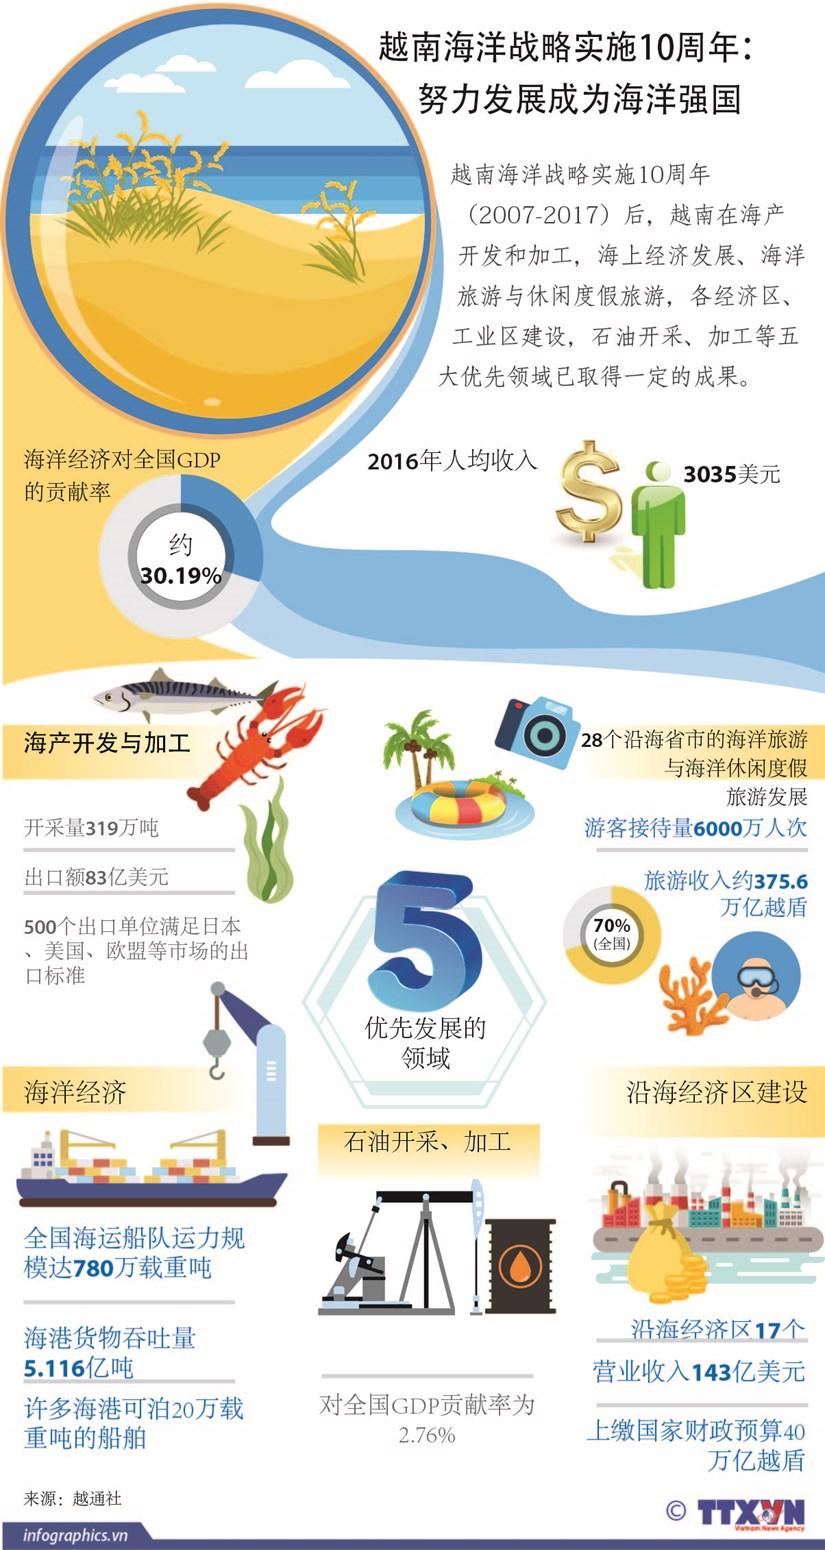 图表新闻:越南海洋战略实施10周年: 努力发展成为海洋强国 hinh anh 1